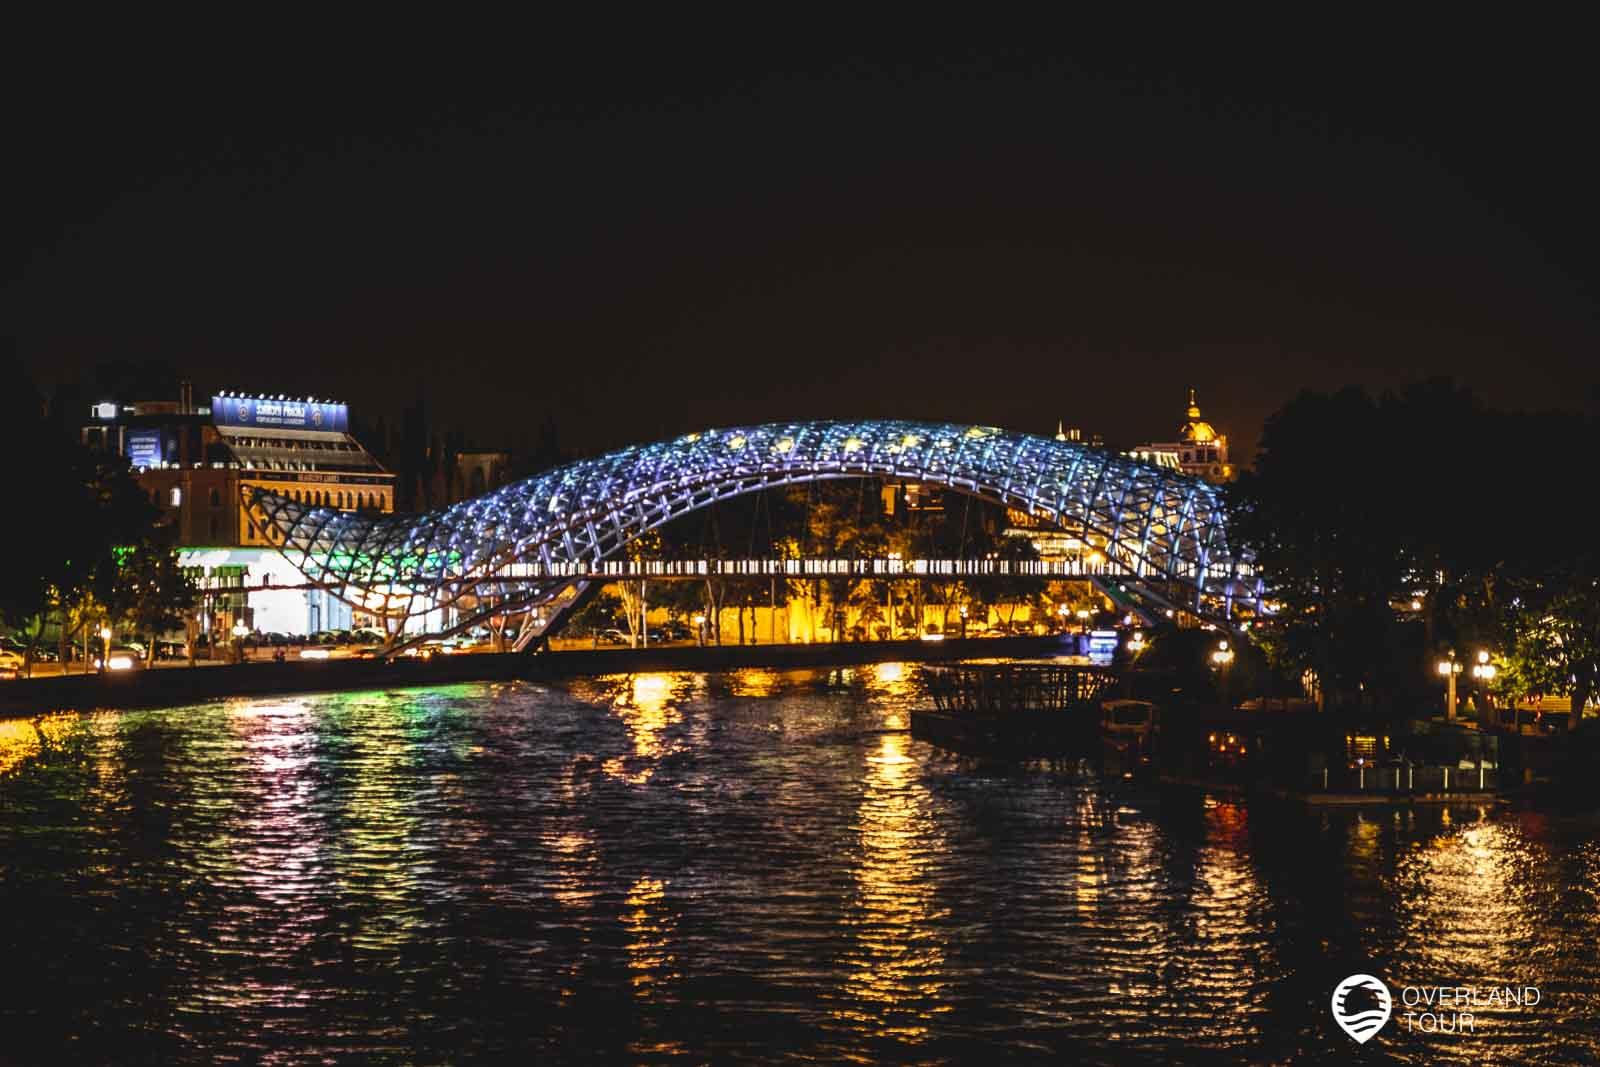 Die Friedensbrücke von Tbilissi bei Nacht